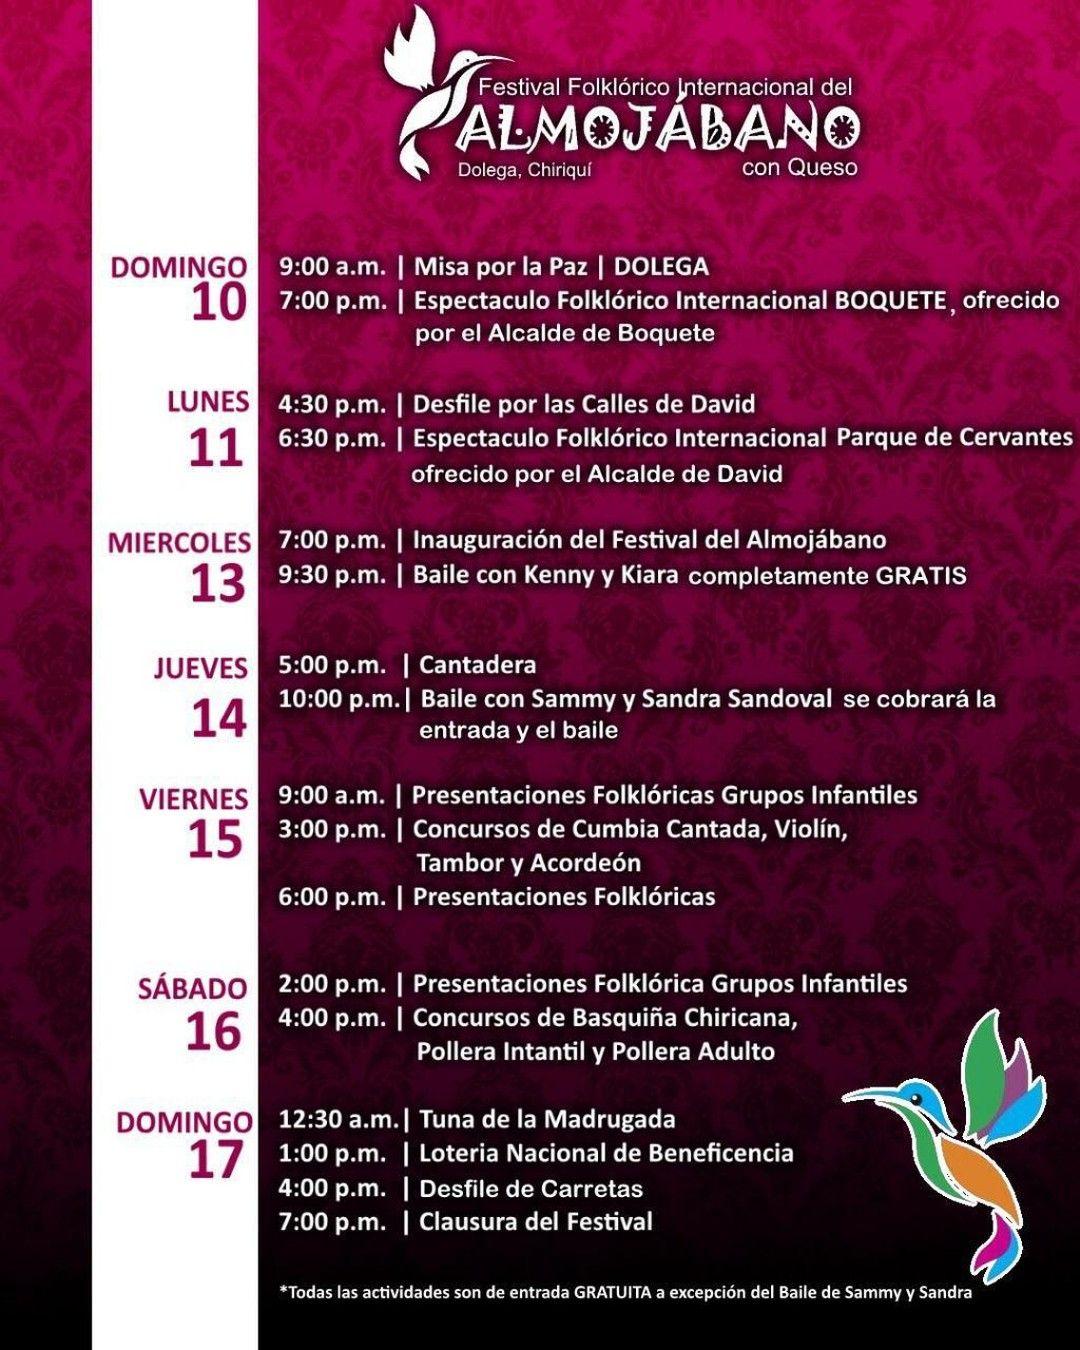 Este Domingo Inicio El Festival Folklorico Internacional De Almojabano Con Queso Evento Ideal Para Pasar Uno De Sus Dias En Familia Te Compartimos In 2020 Instagram